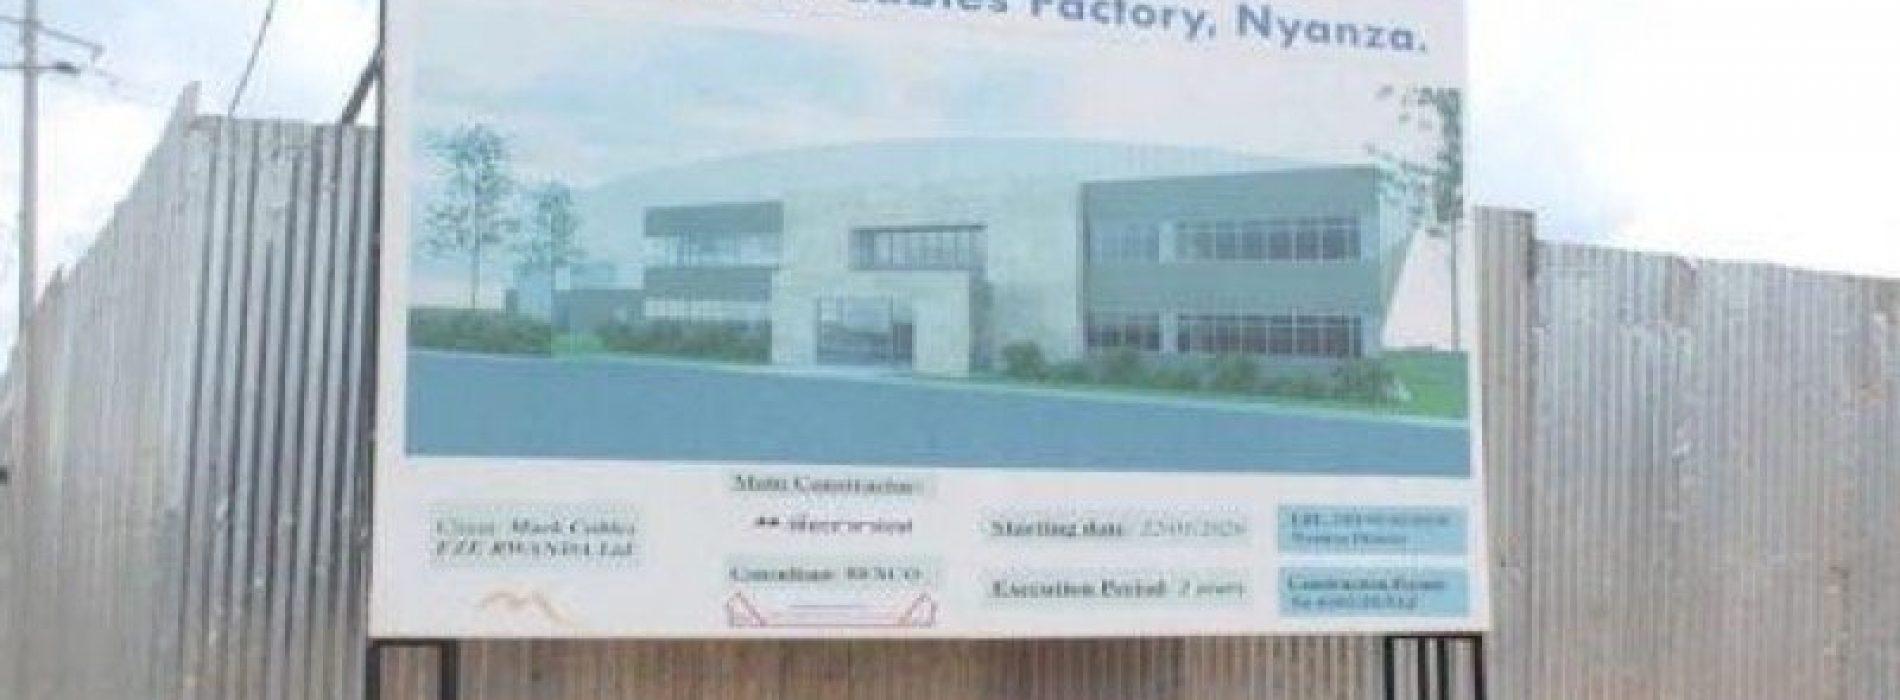 Ruanda: la fabbrica di cavi elettrici del Nyanza entrerà in funzione a giugno